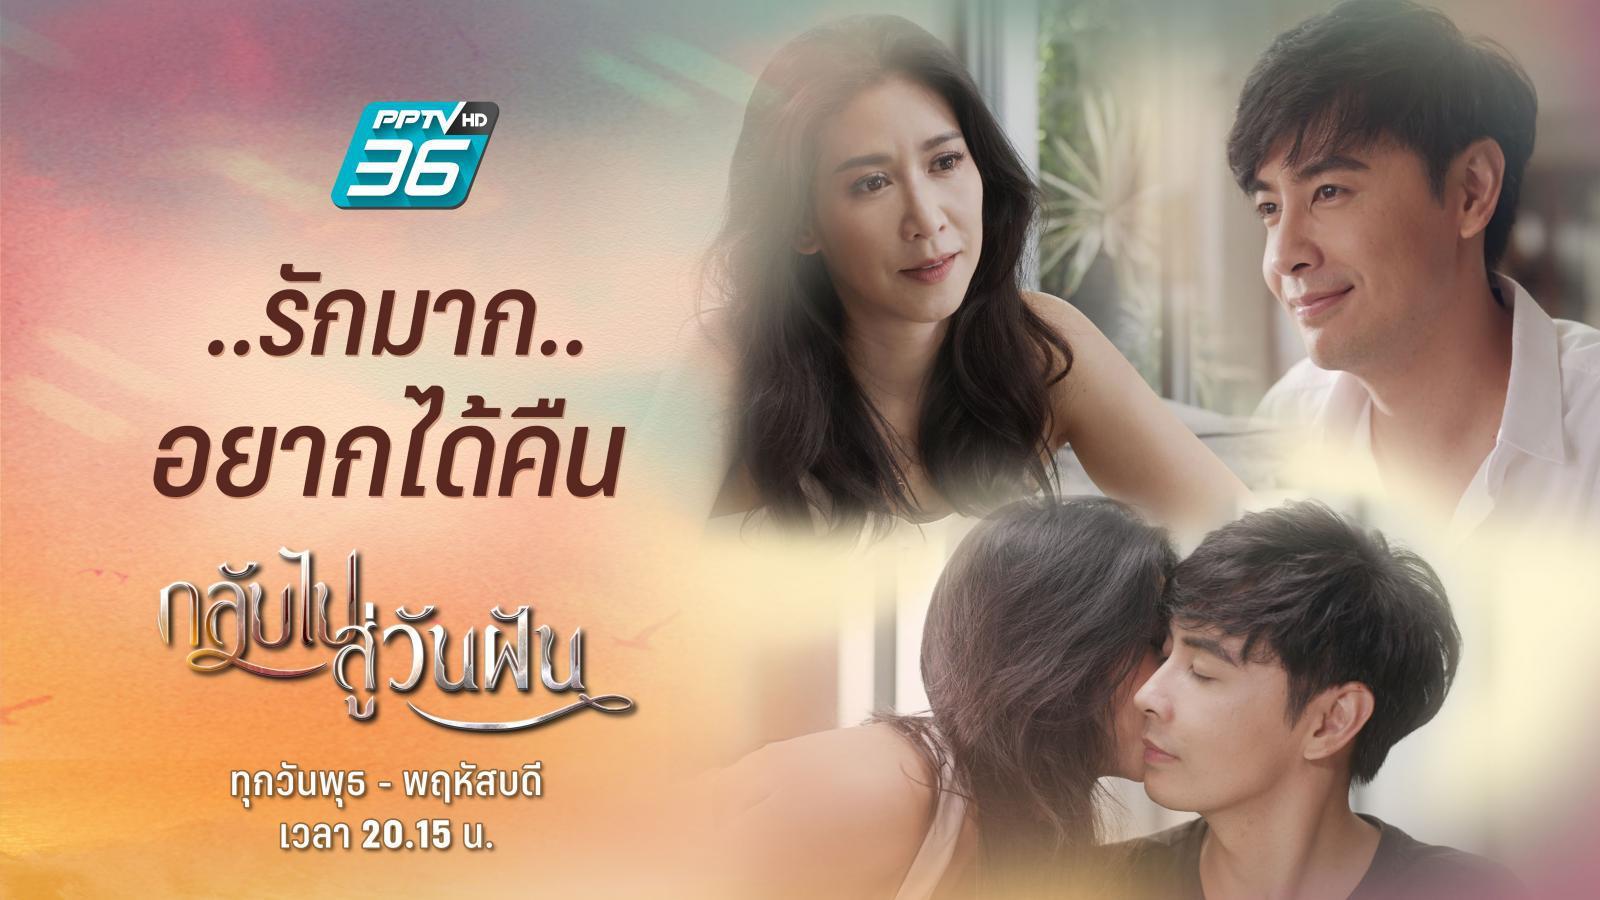 ฟินสุด |  รักมาก อยากได้คืน  | กลับไปสู่วันฝัน EP.6 | PPTV HD 36